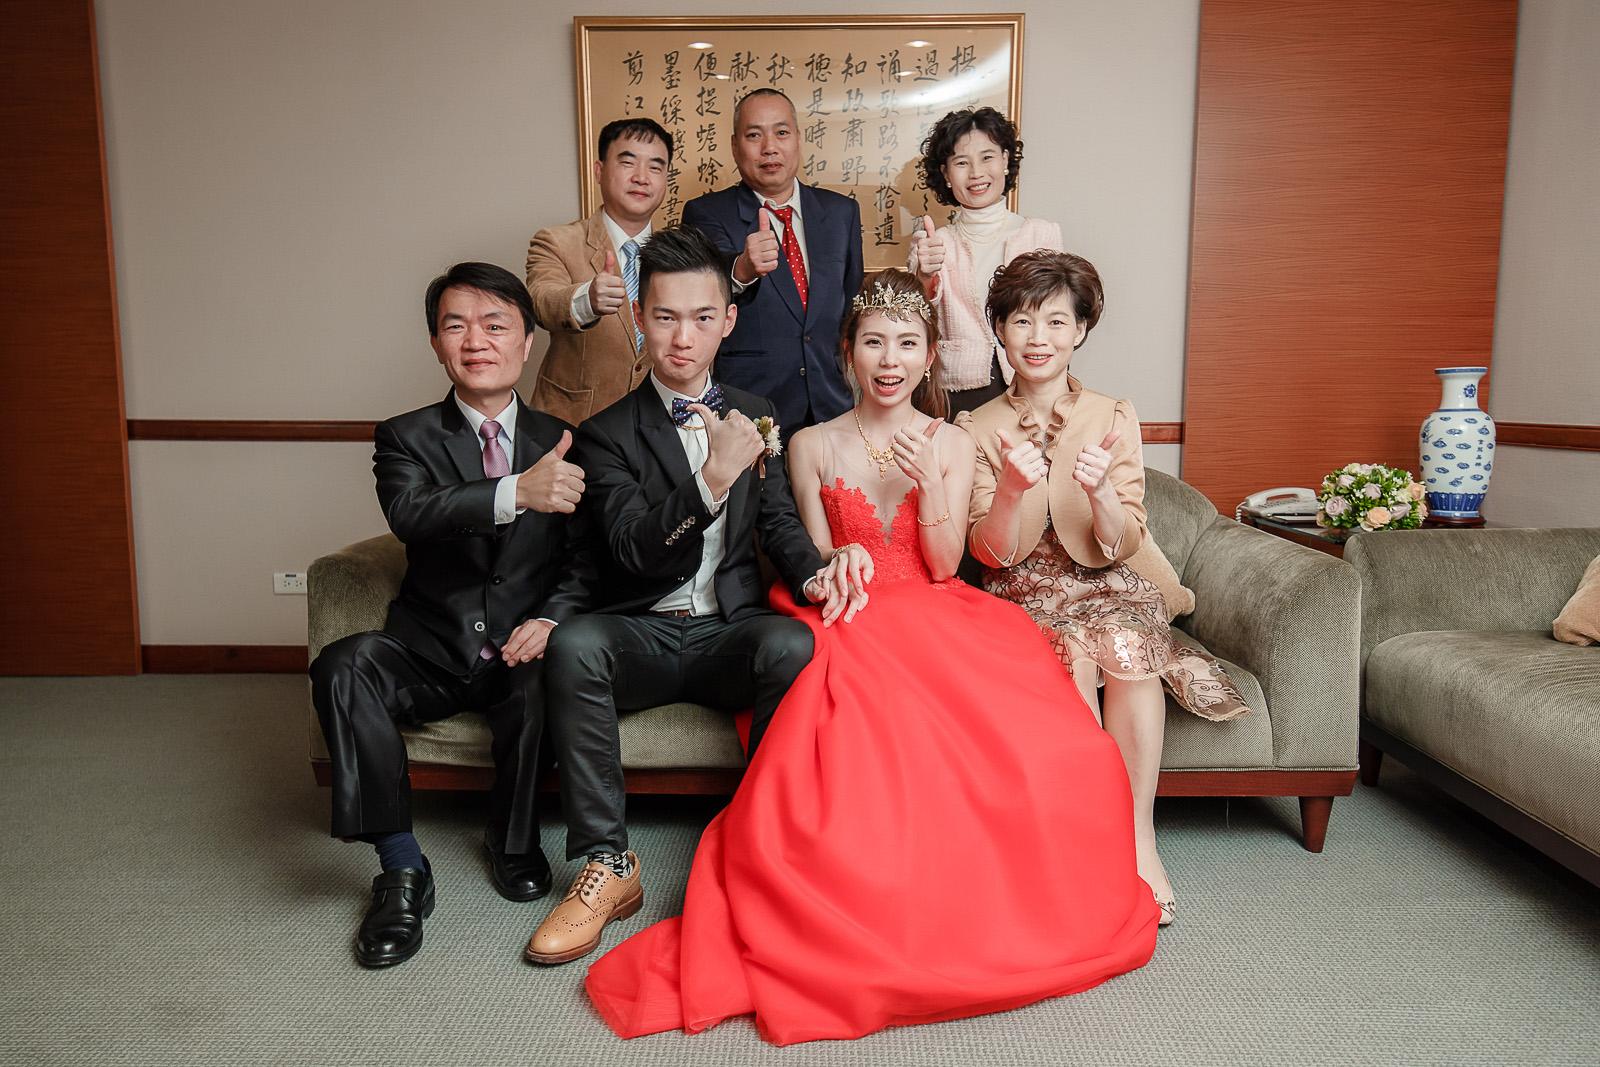 高雄圓山飯店,婚禮攝影,婚攝,高雄婚攝,優質婚攝推薦,Jen&Ethan-048